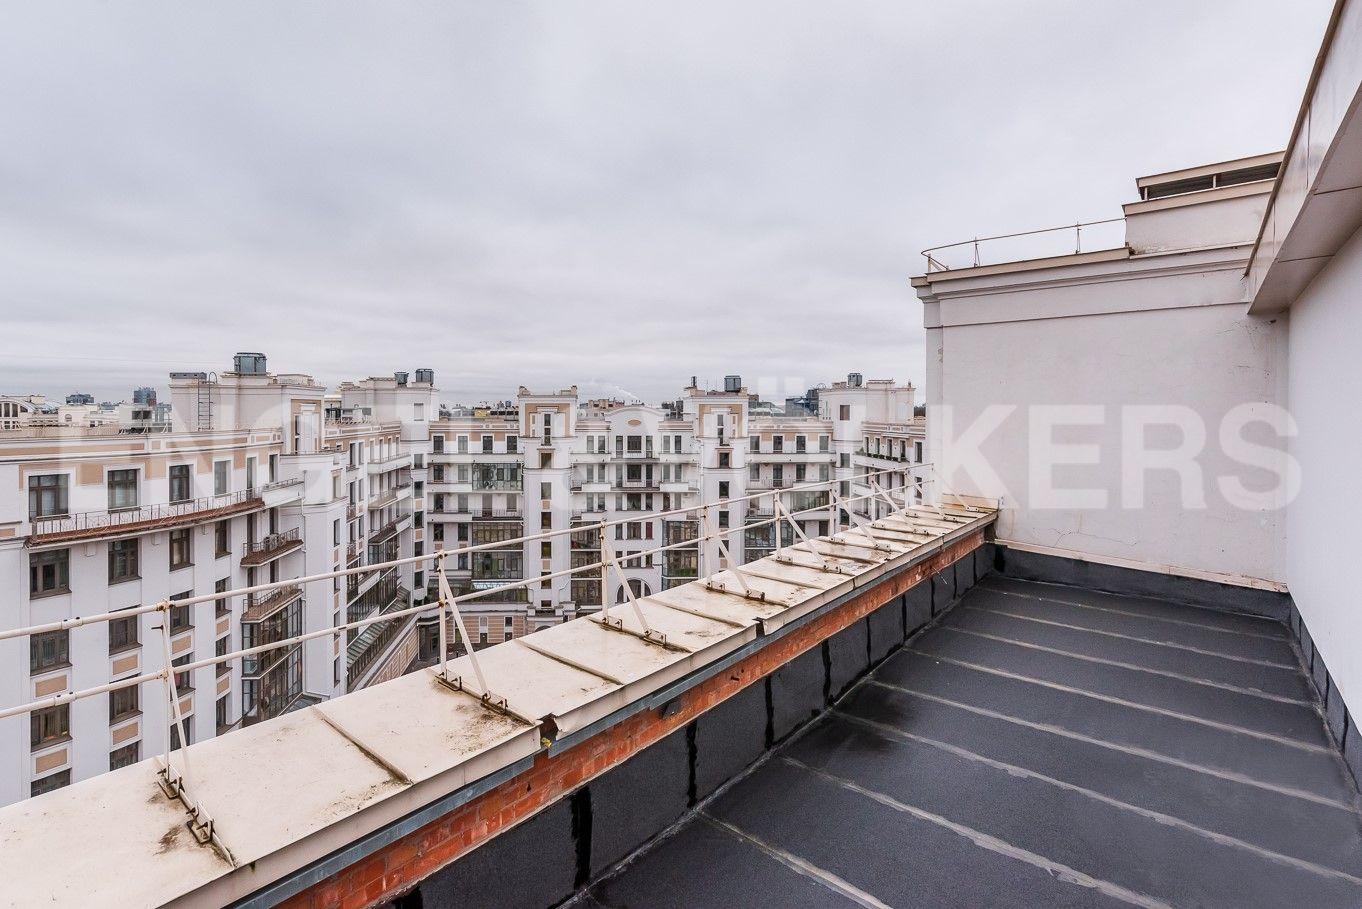 Элитные квартиры на . Санкт-Петербург, Морской пр, 33. Открытая терраса